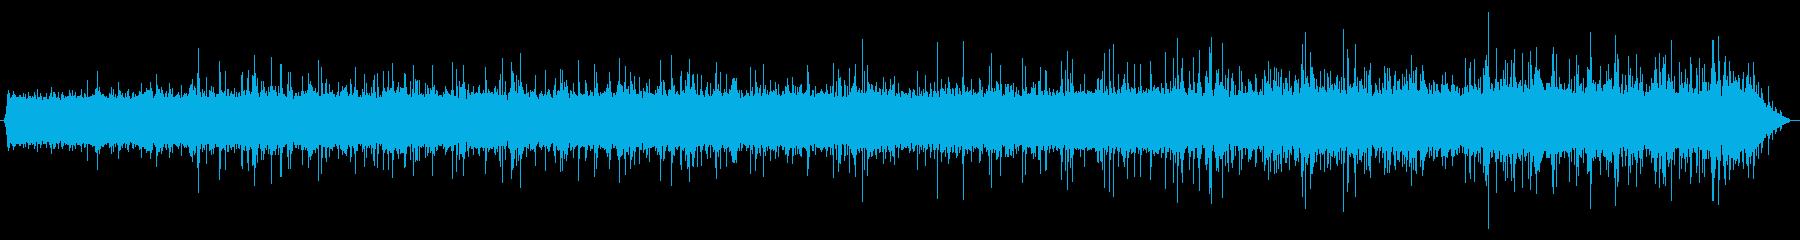 雨の音02(軒下)の再生済みの波形